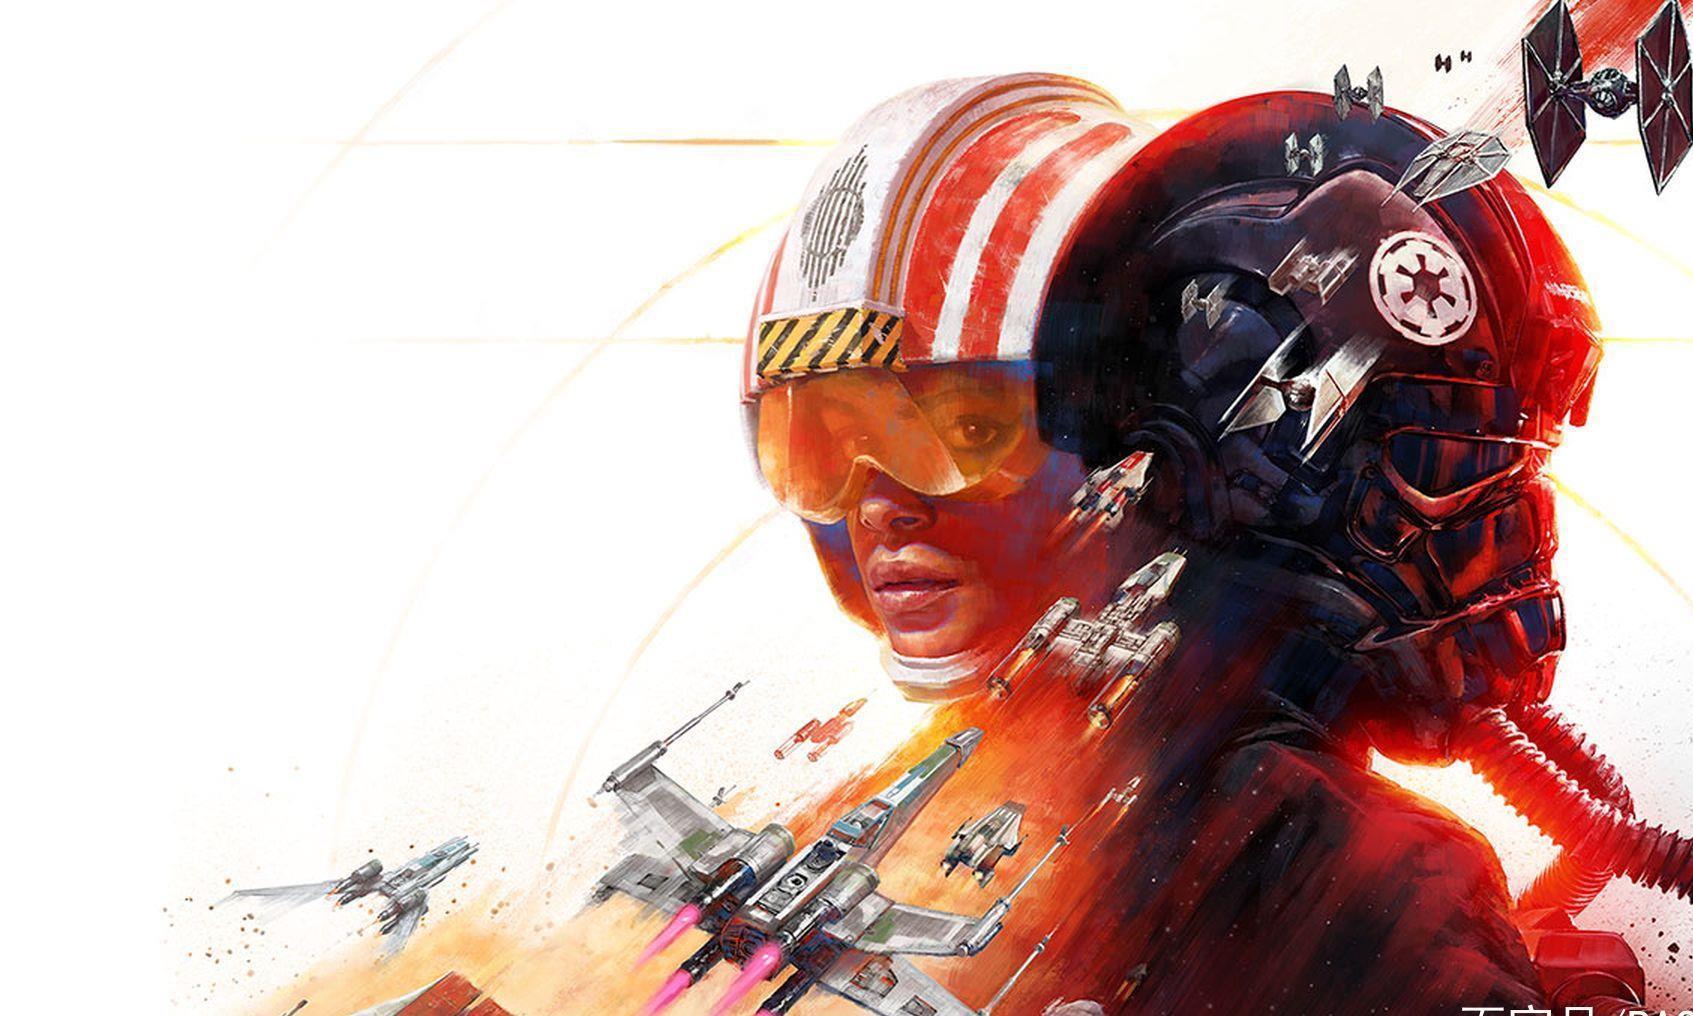 《星球大战:战机中队》工作室正在开发多个未公布的游戏项目